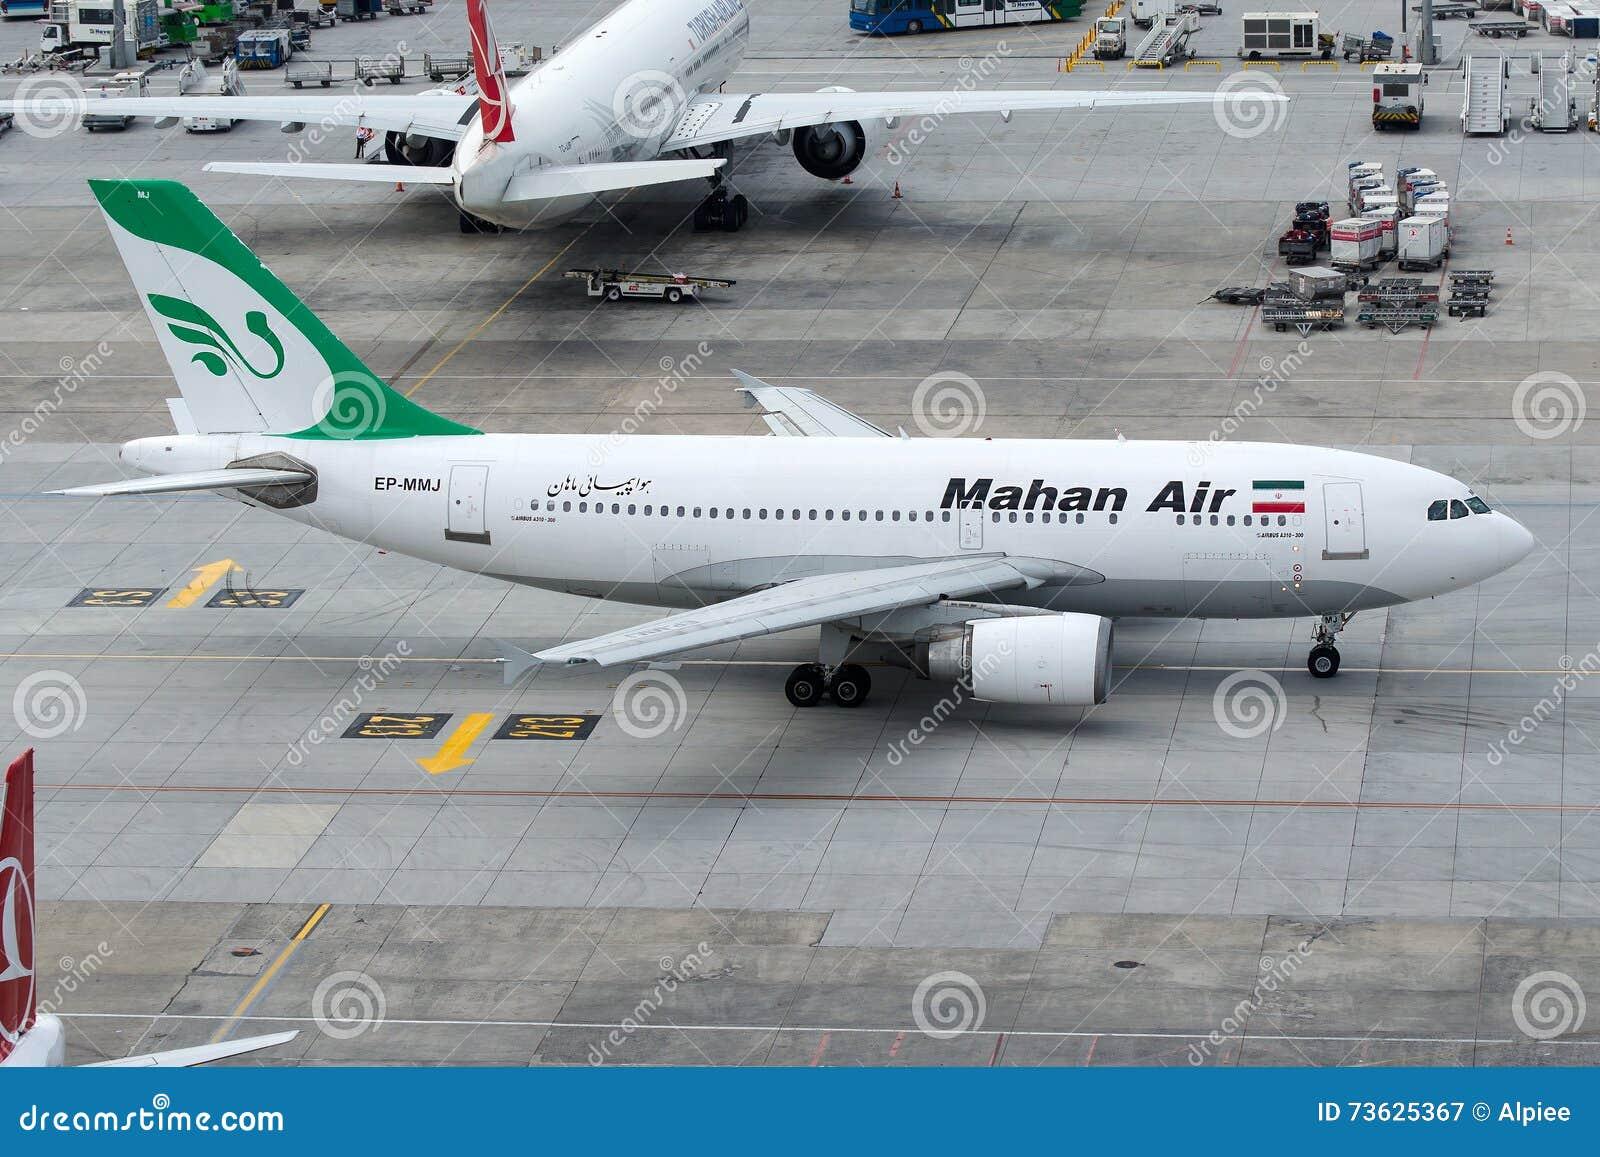 EP-MMJ Mahan Air , Airbus A310-304 Editorial Photography